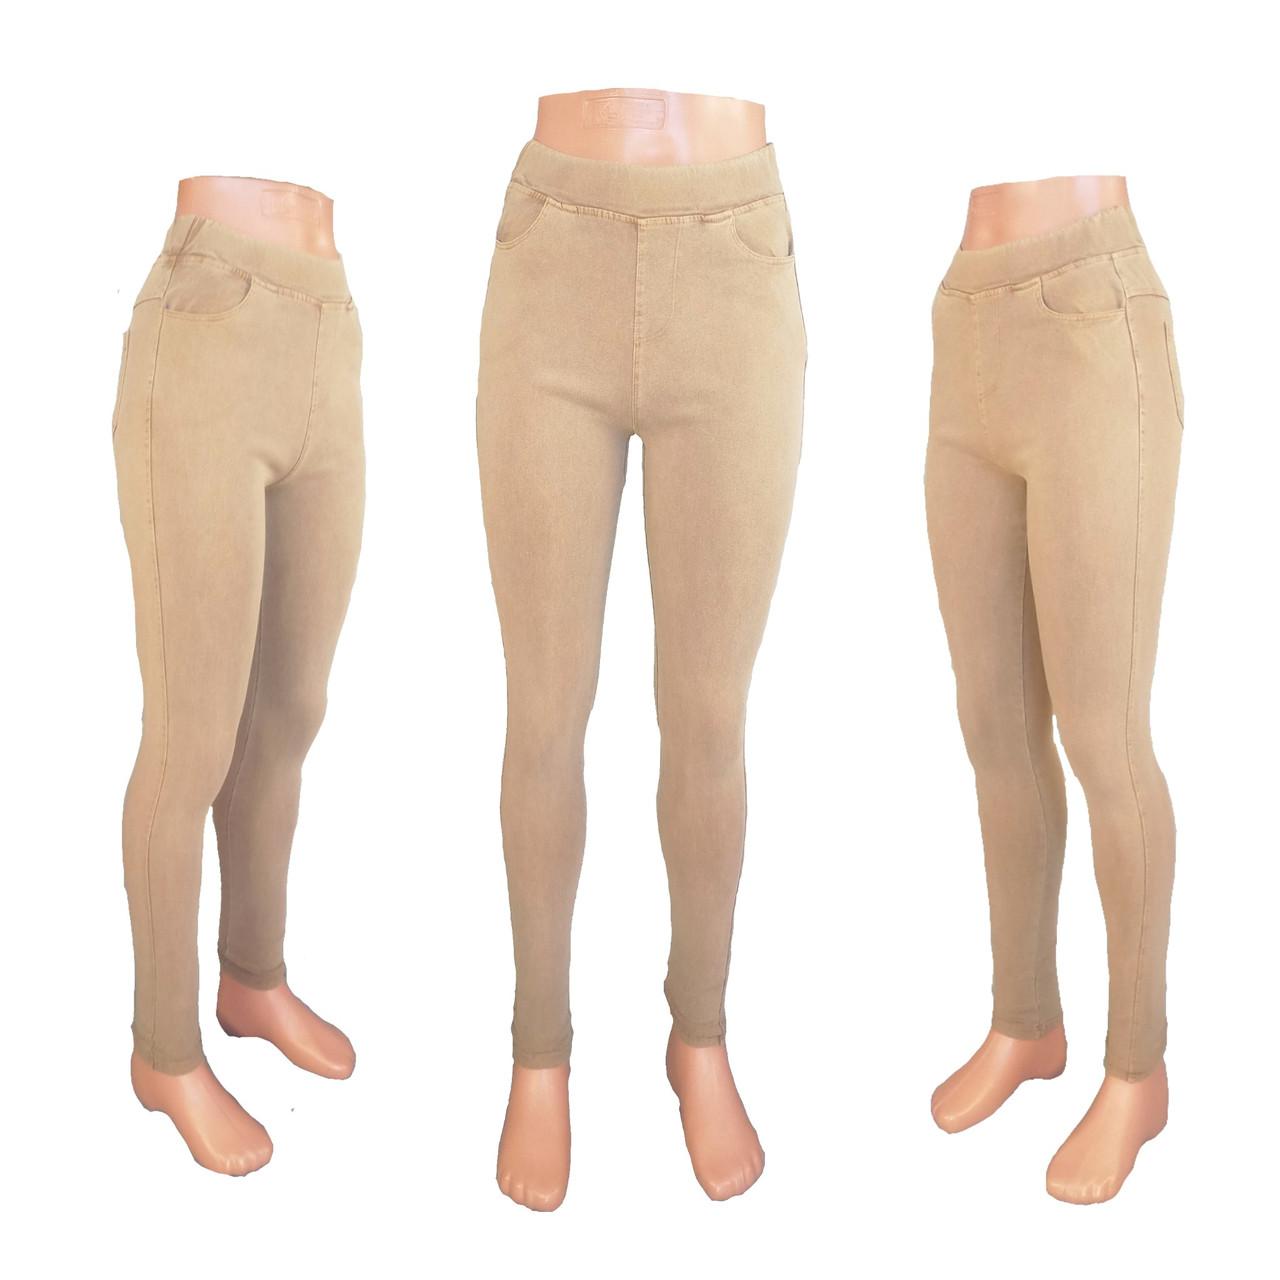 Джинсы джеггинсы цветные женские модные тонкие горчичный 44 размера